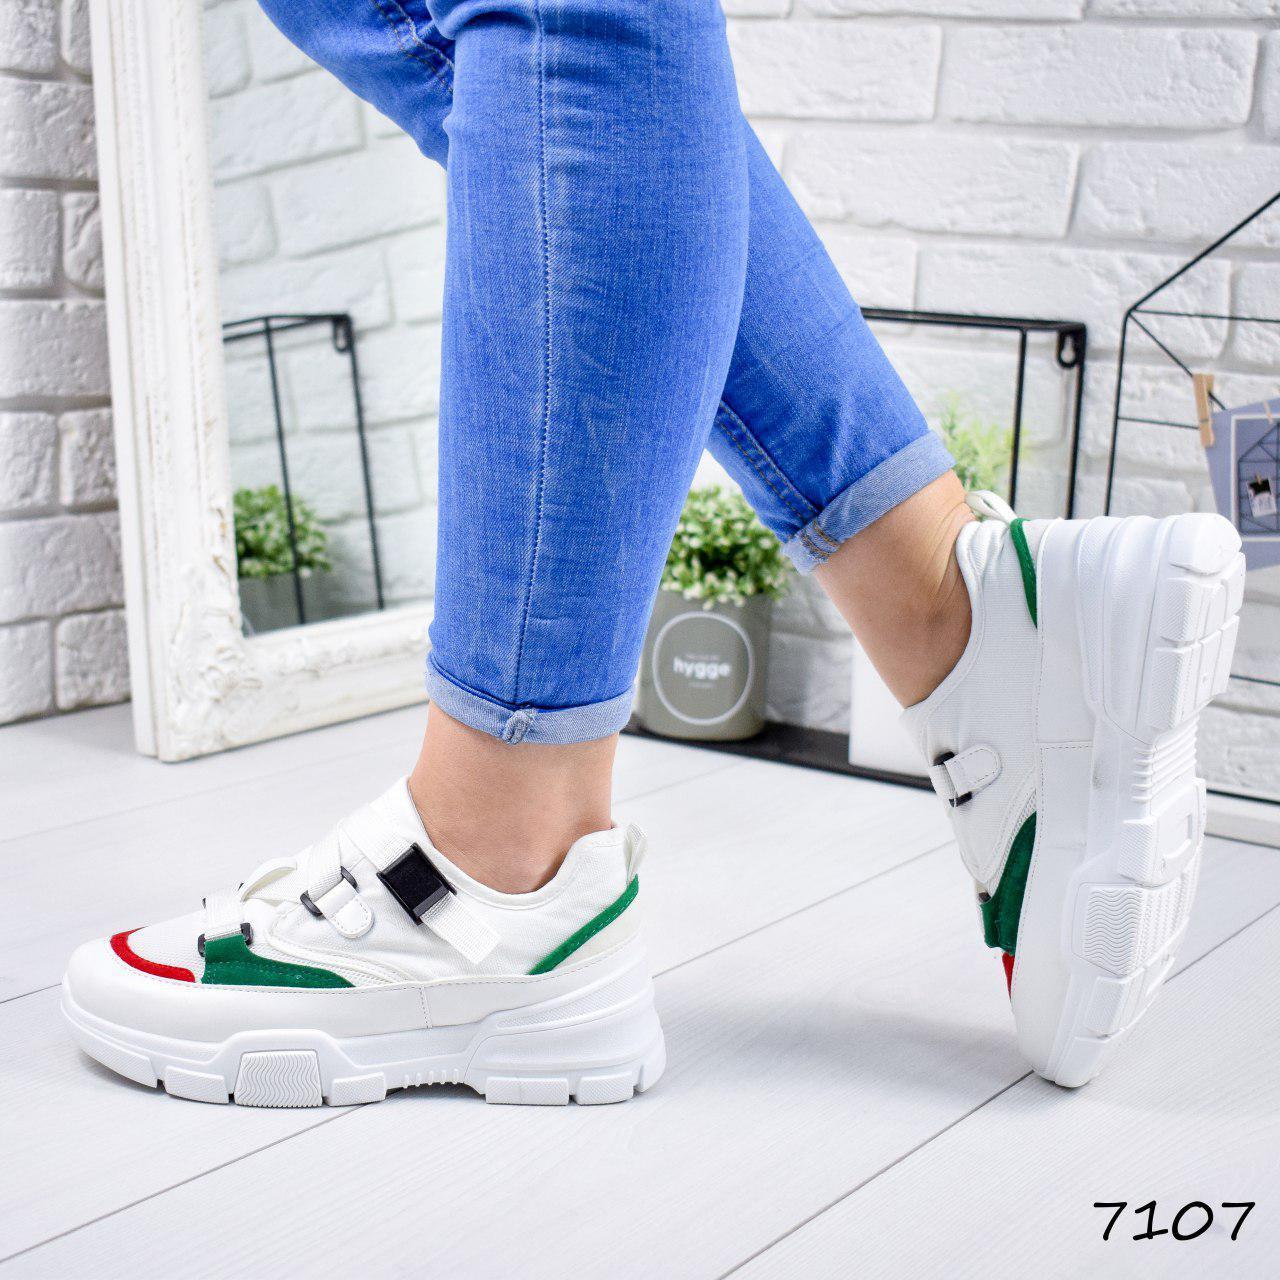 0f33b3f42 Стильные женские кроссовки белые р. 36, 37, 38: продажа, цена в ...